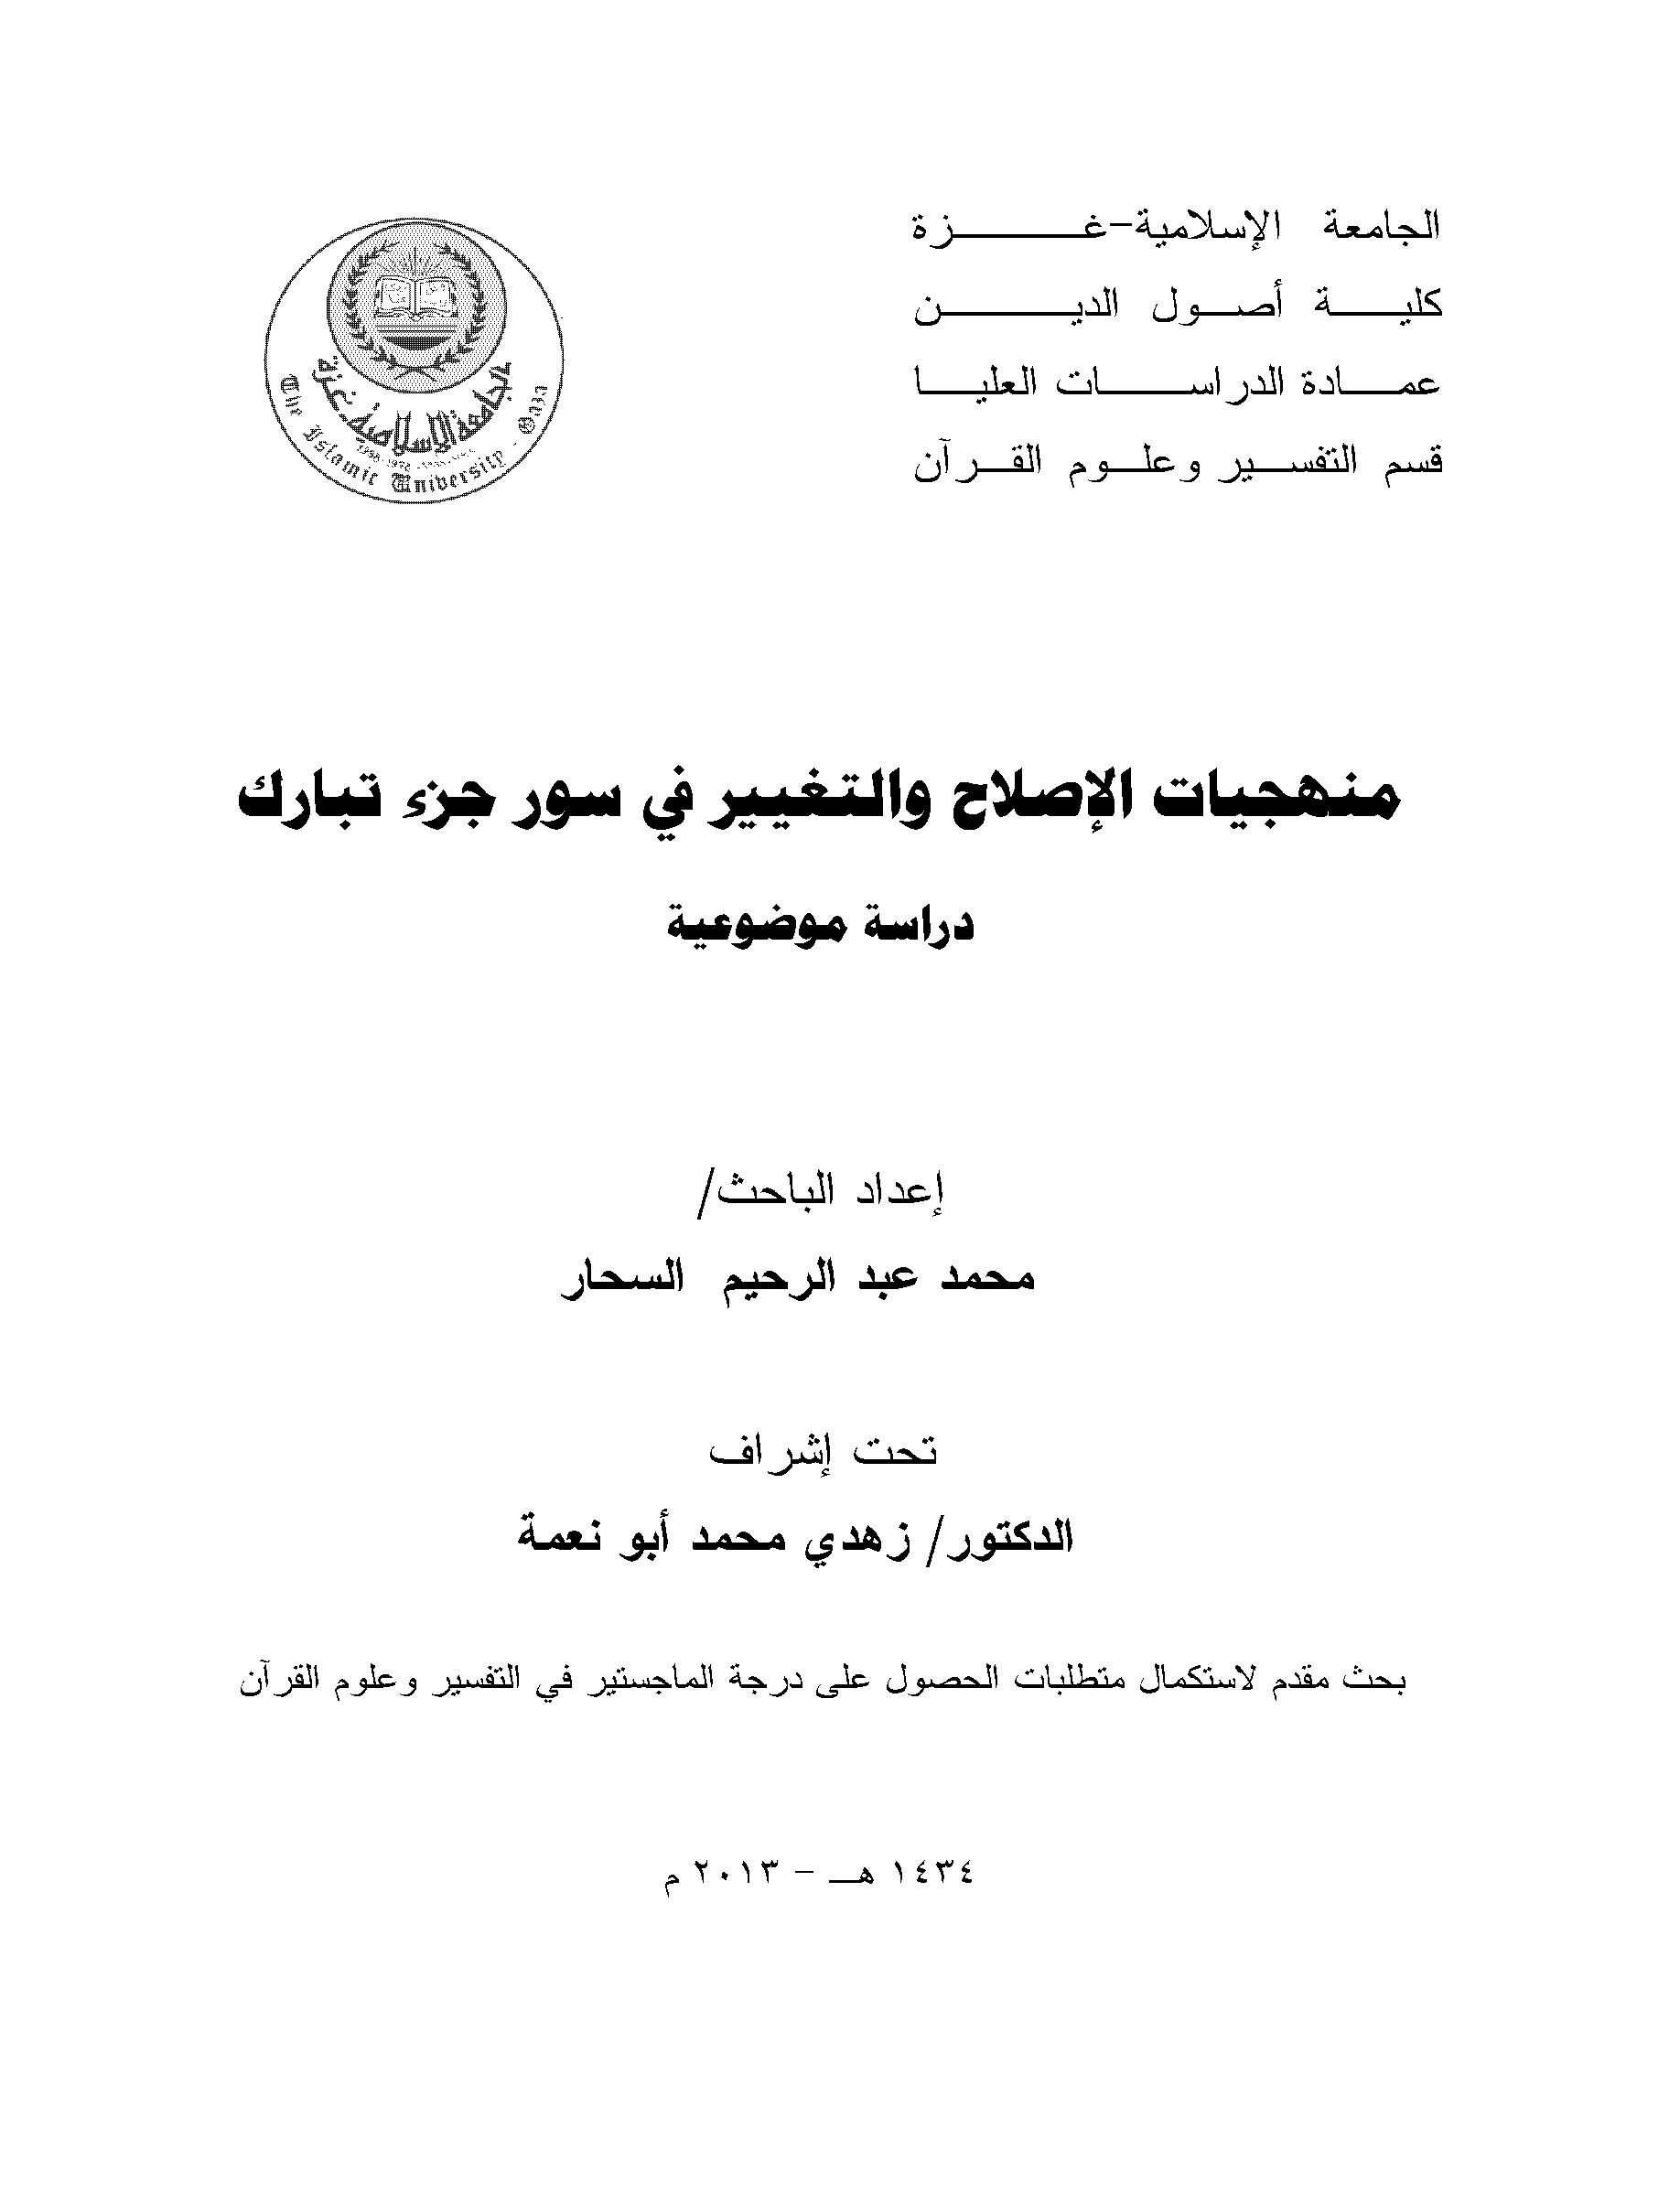 تحميل كتاب منهجيات الإصلاح والتغيير في سور جزء تبارك (دراسة موضوعية) لـِ: محمد عبد الرحيم السحار